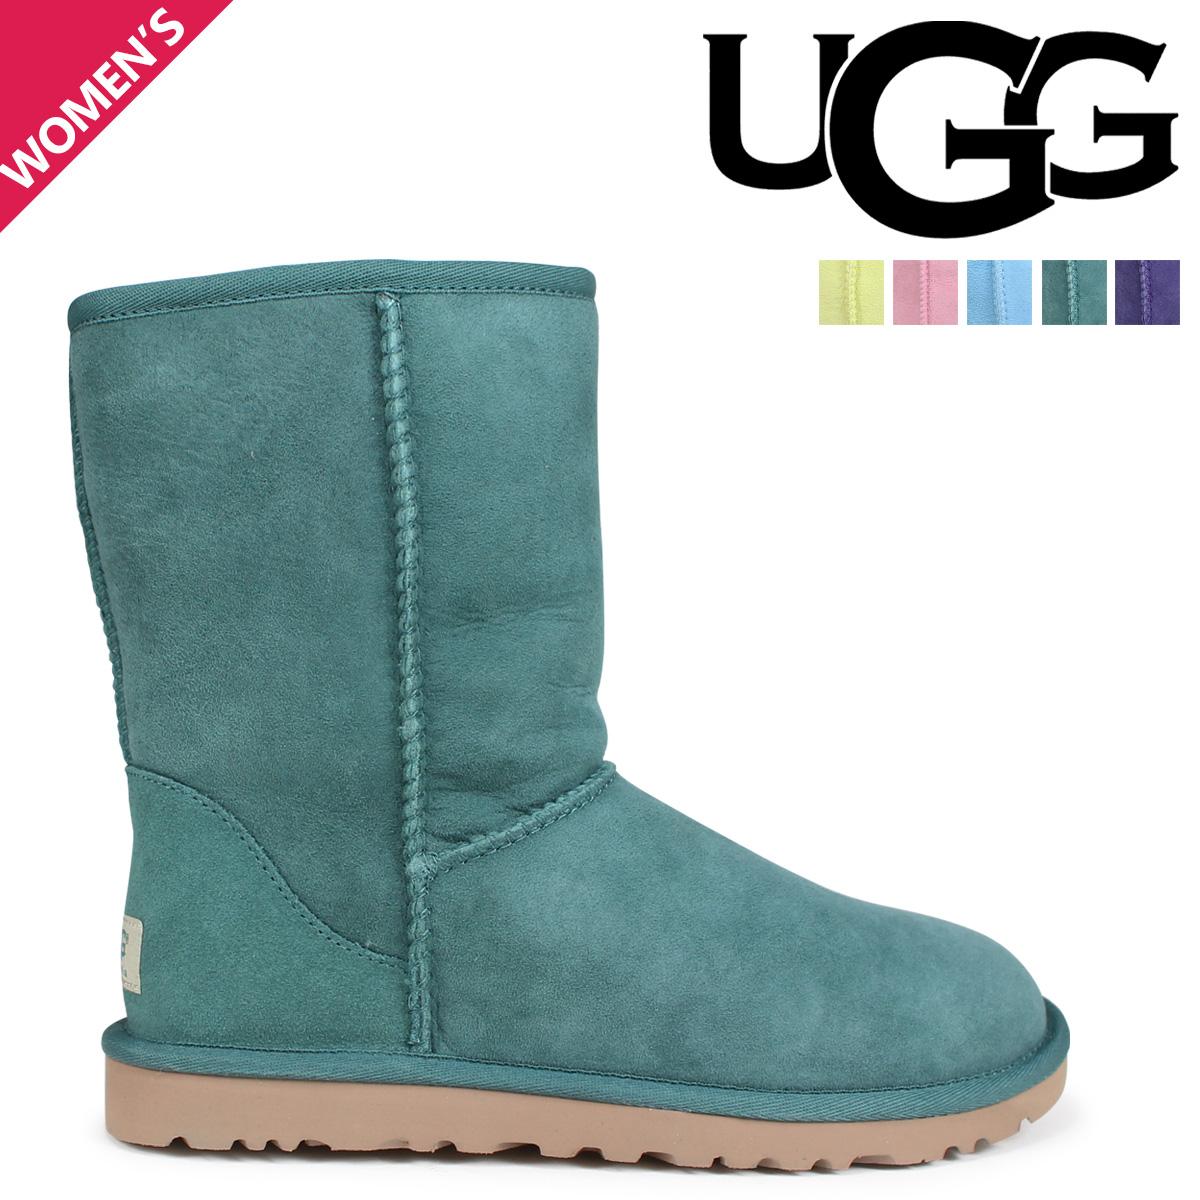 shop online ugg